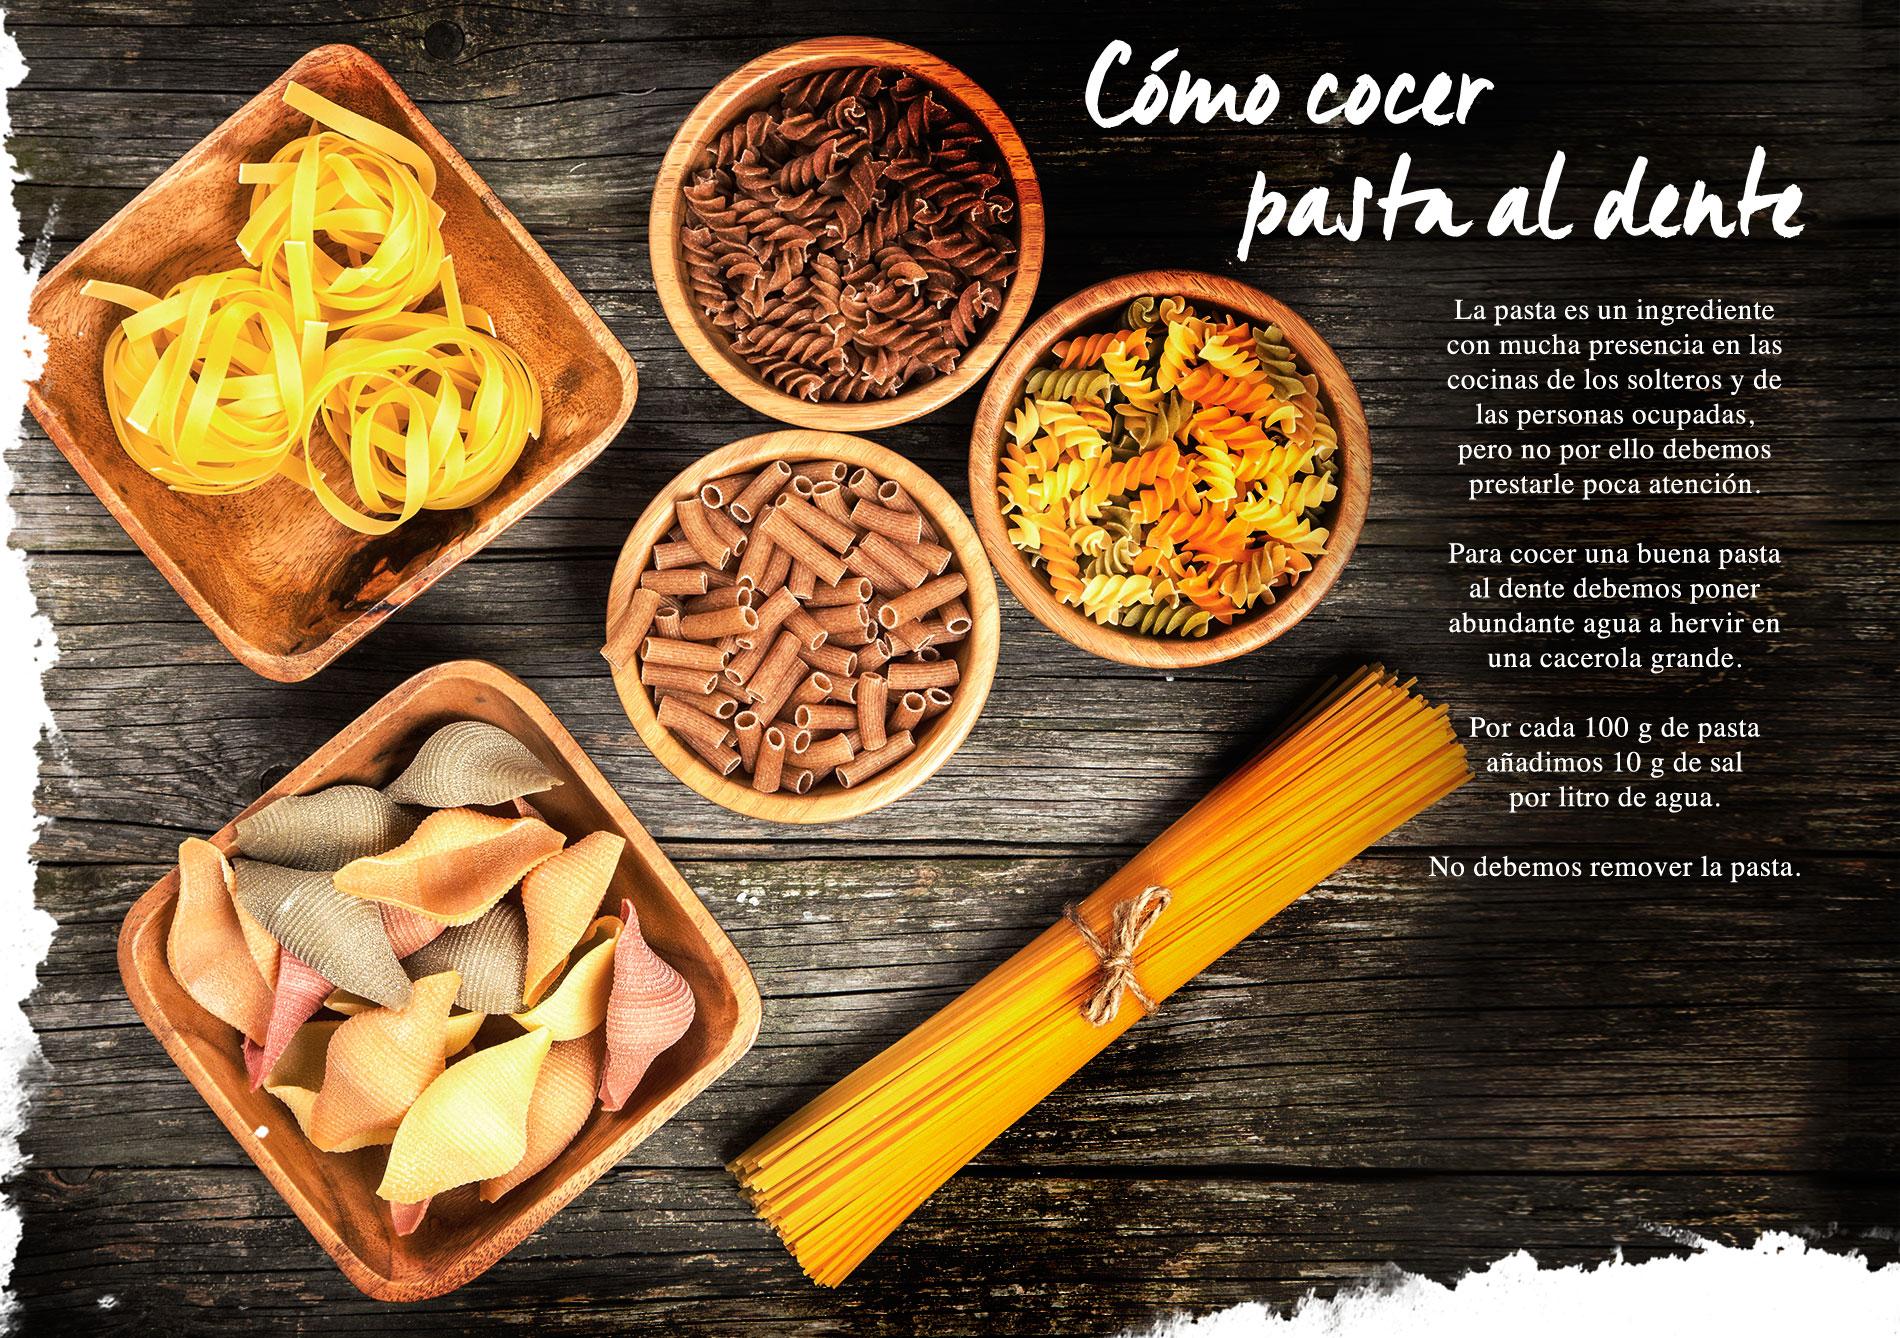 Food_Consejos_ES_bnr_2